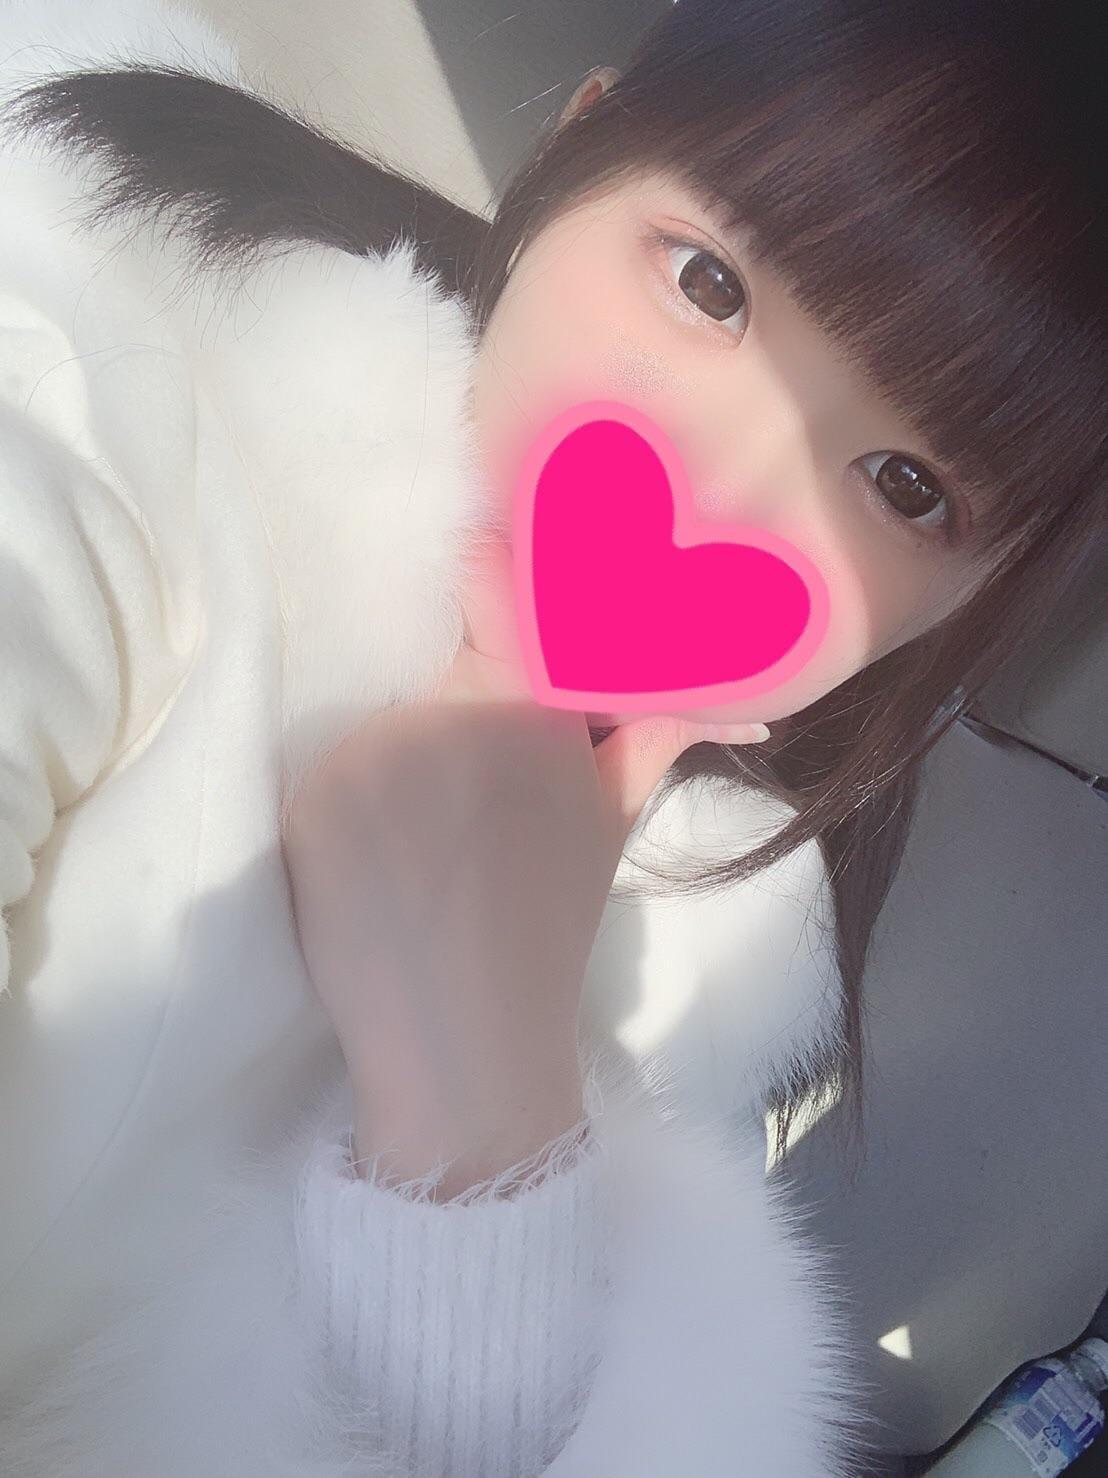 「おやすみなさい☆*°」03/24(03/24) 03:20 | 香坂 みおりの写メ・風俗動画